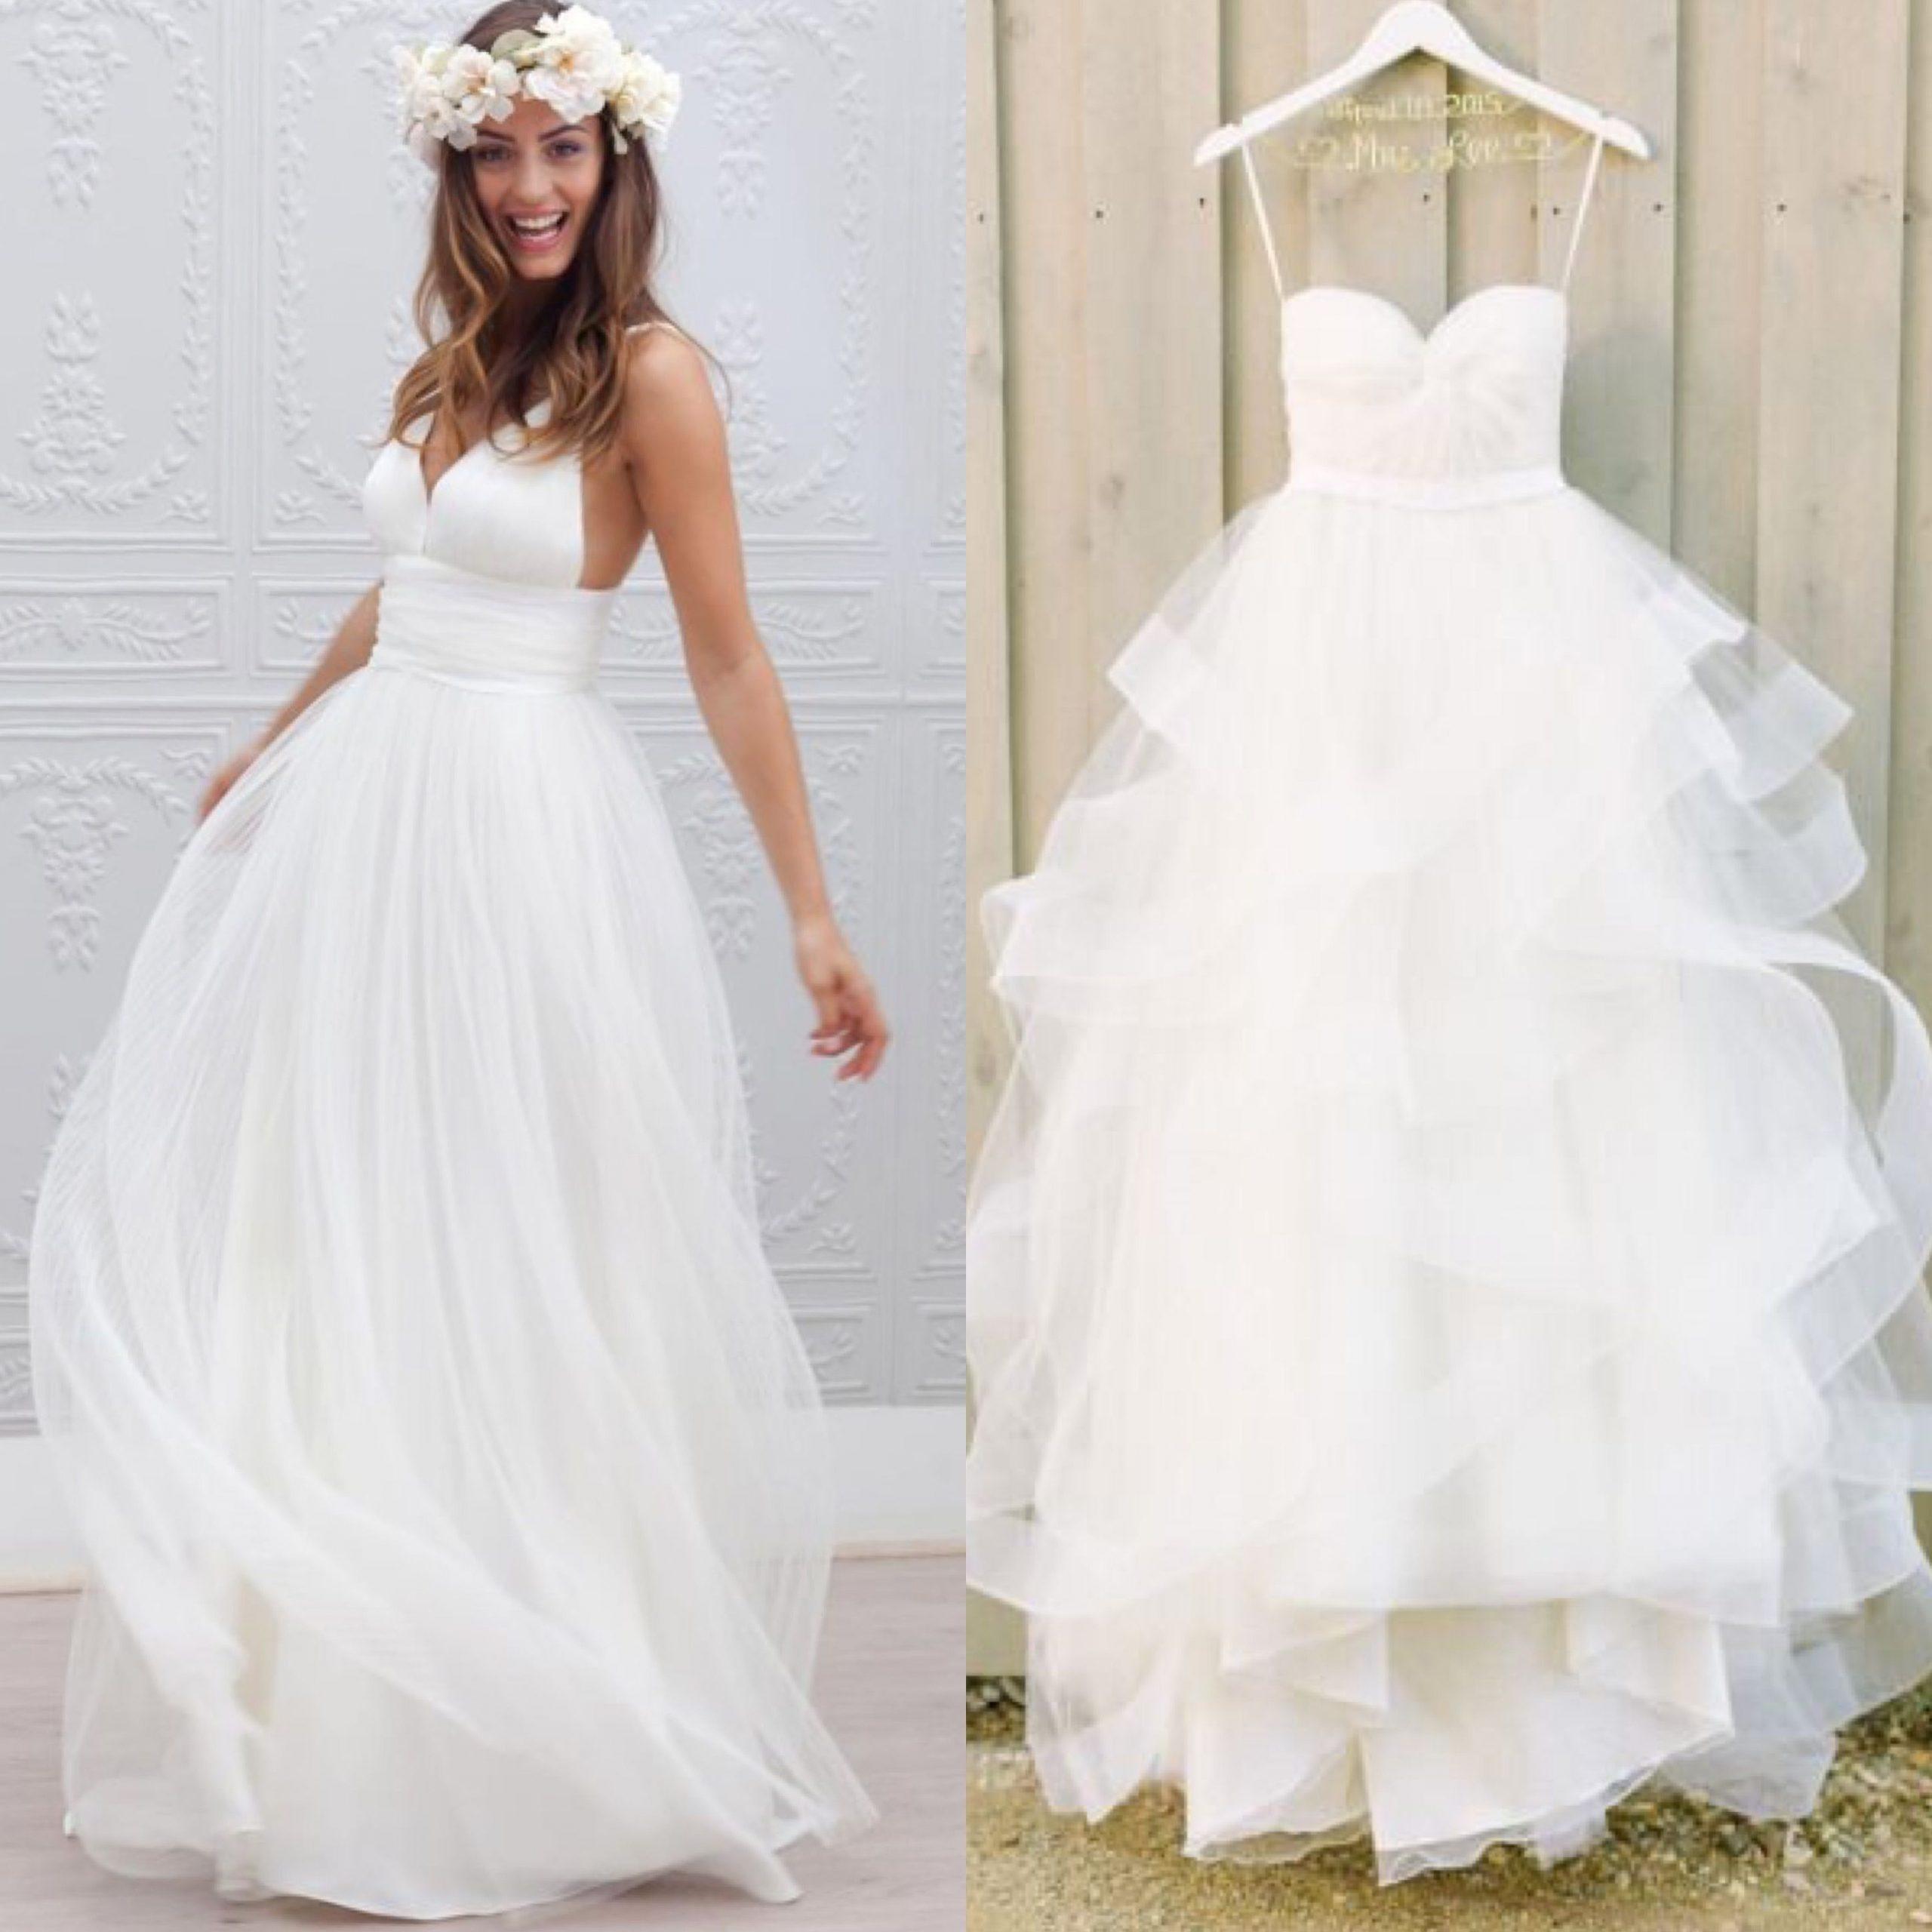 Pin Von A B Auf X (Mit Bildern) | Hochzeitskleid, Hochzeit